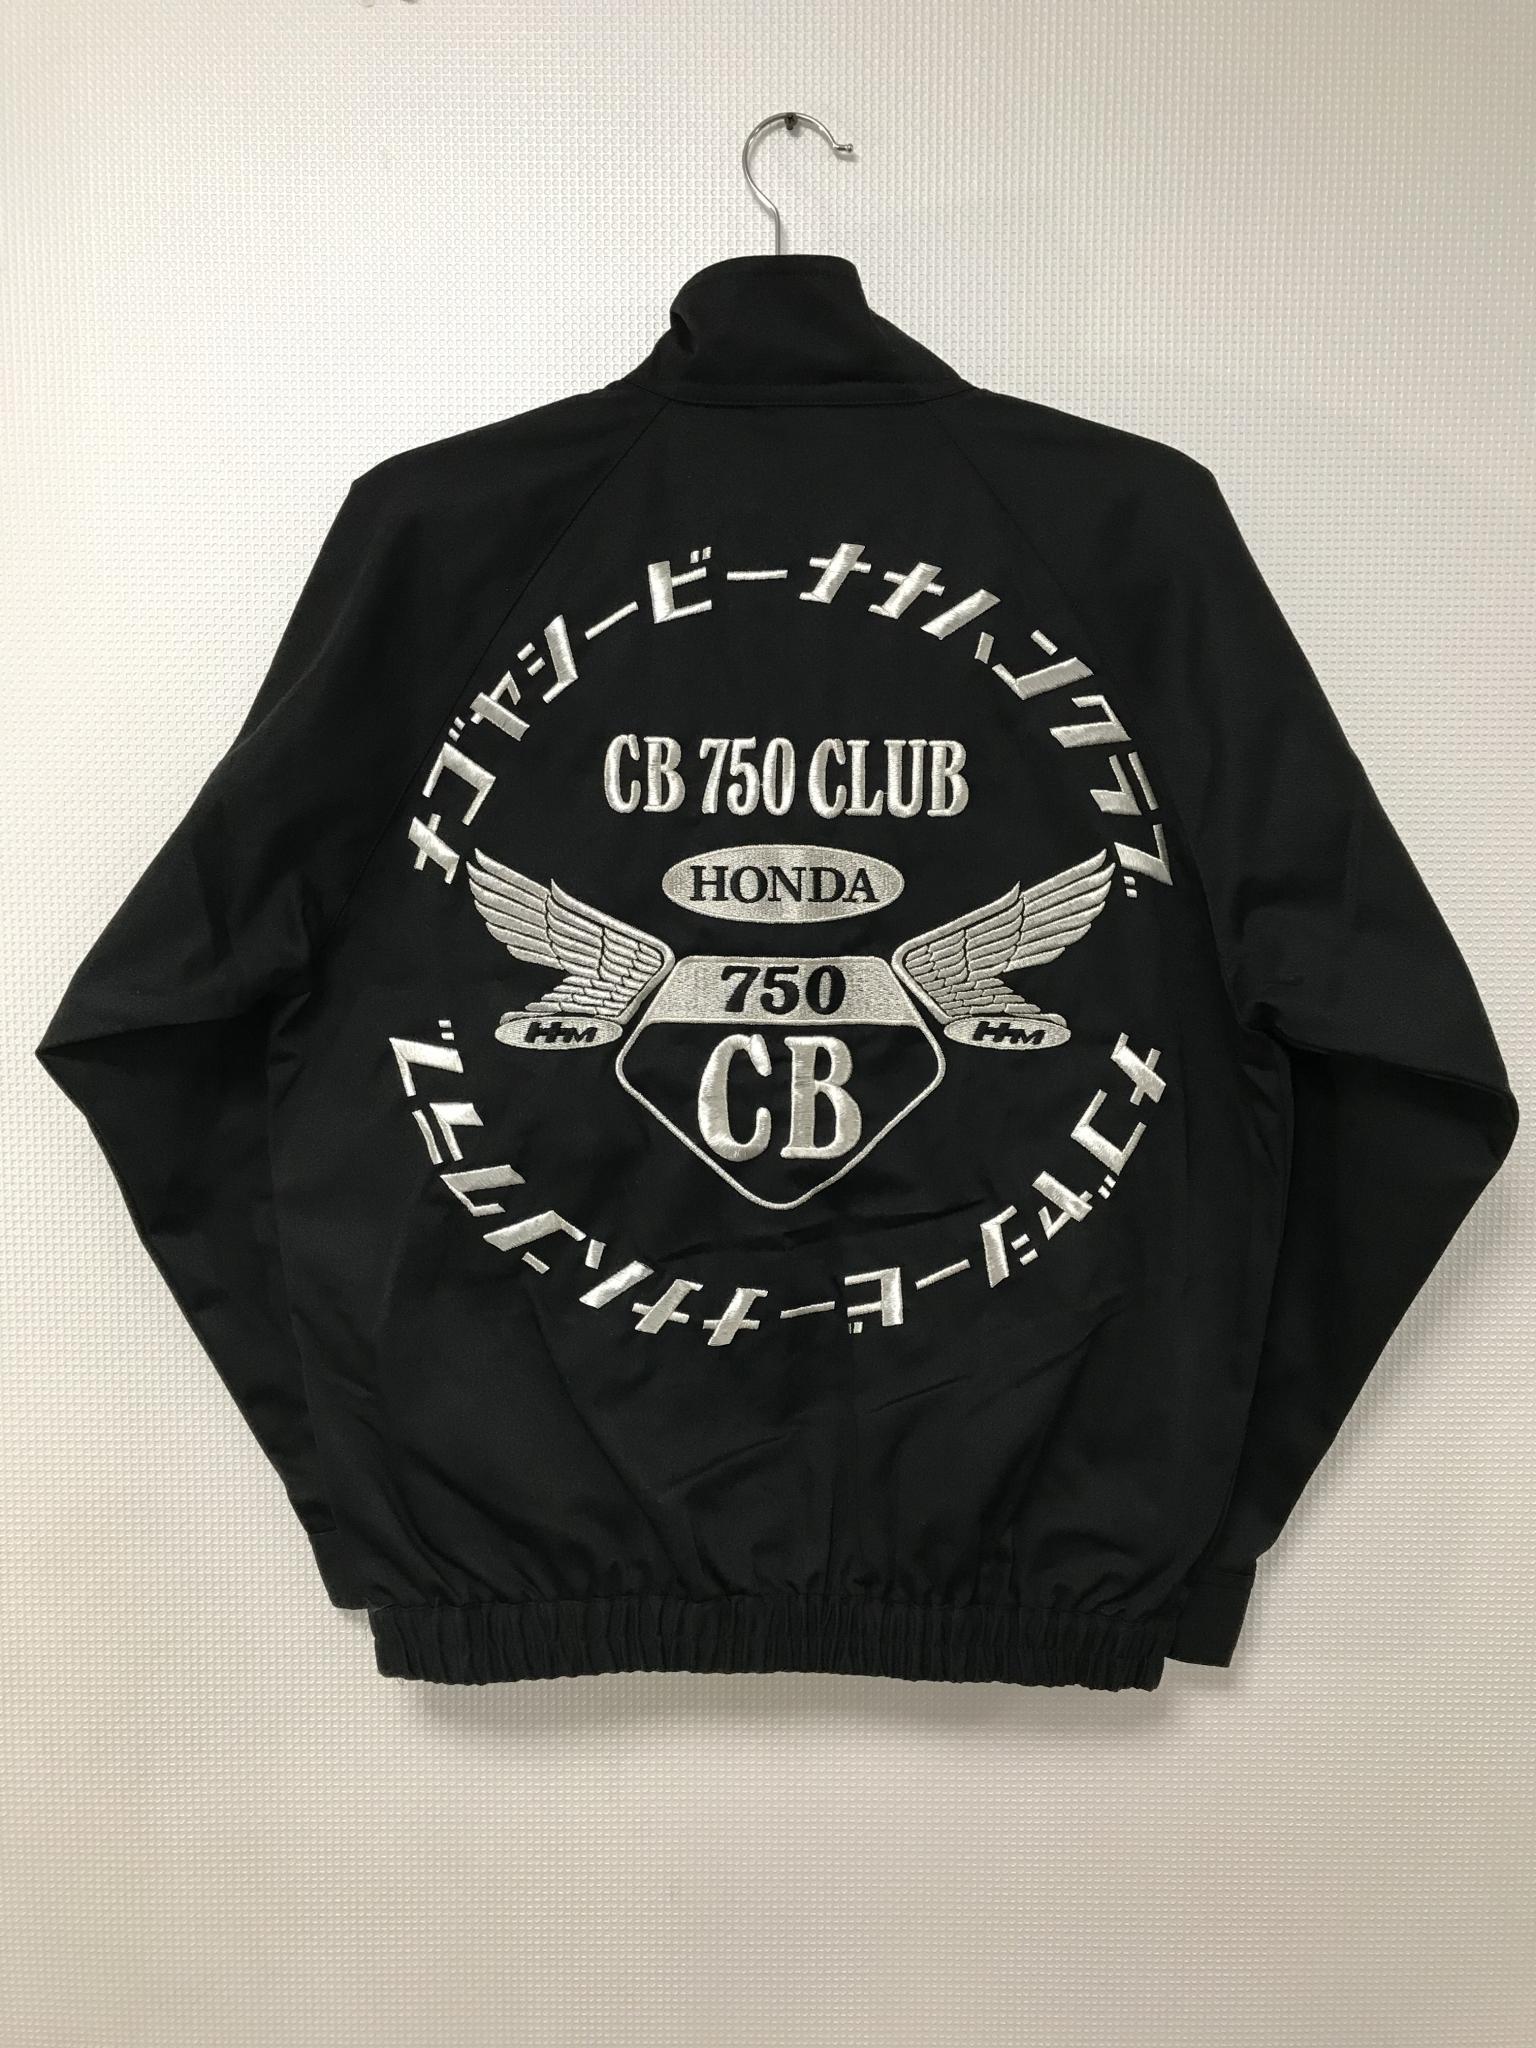 AE42DF98-878B-4A96-9E5A-DA773EDE3C5C